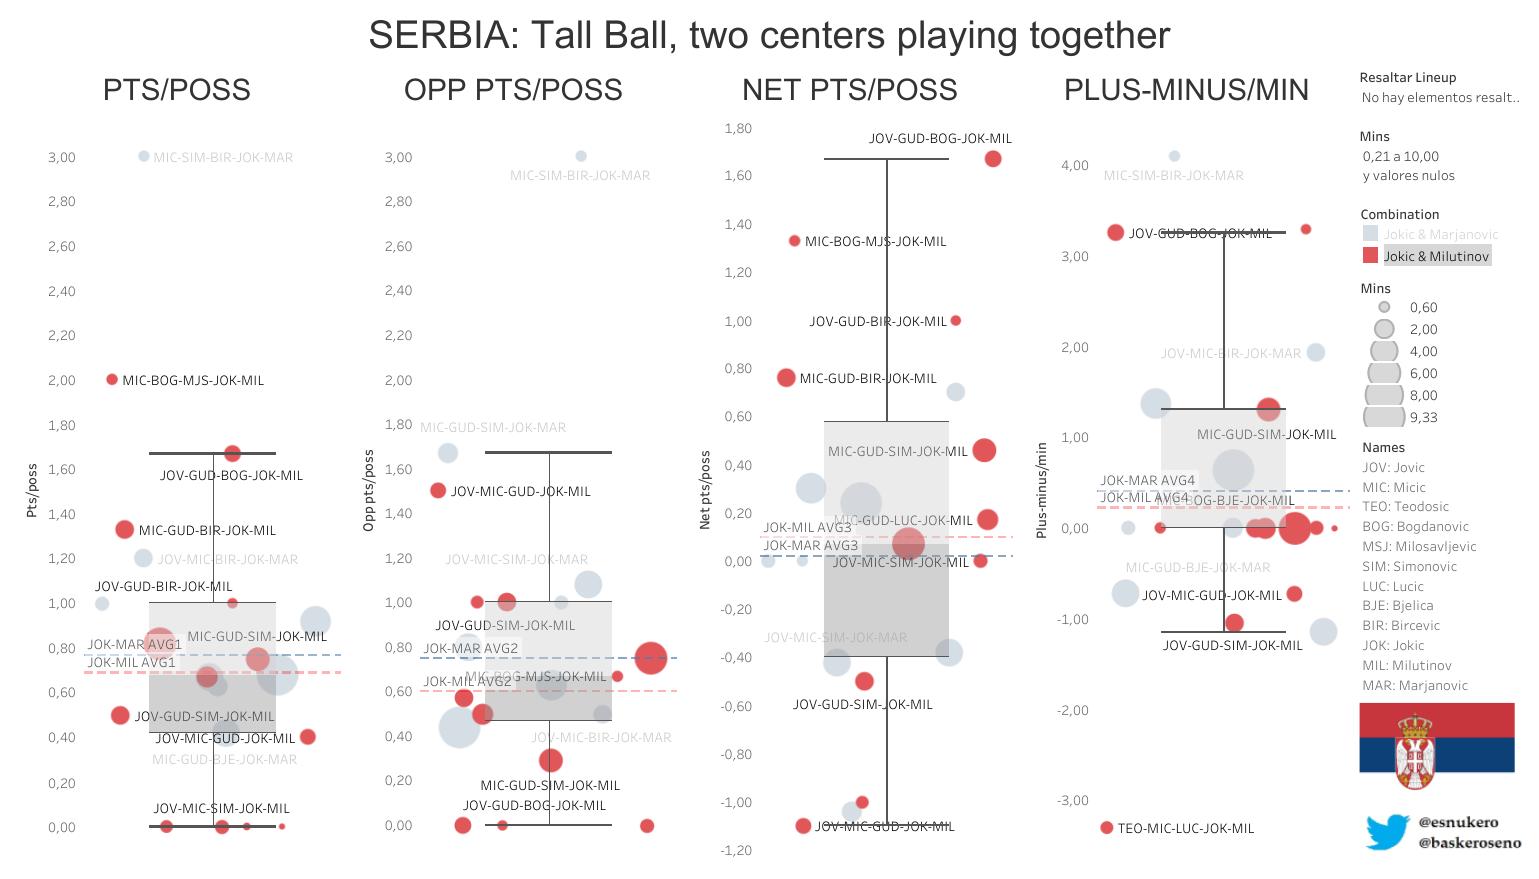 estadísticas serbia baloncesto